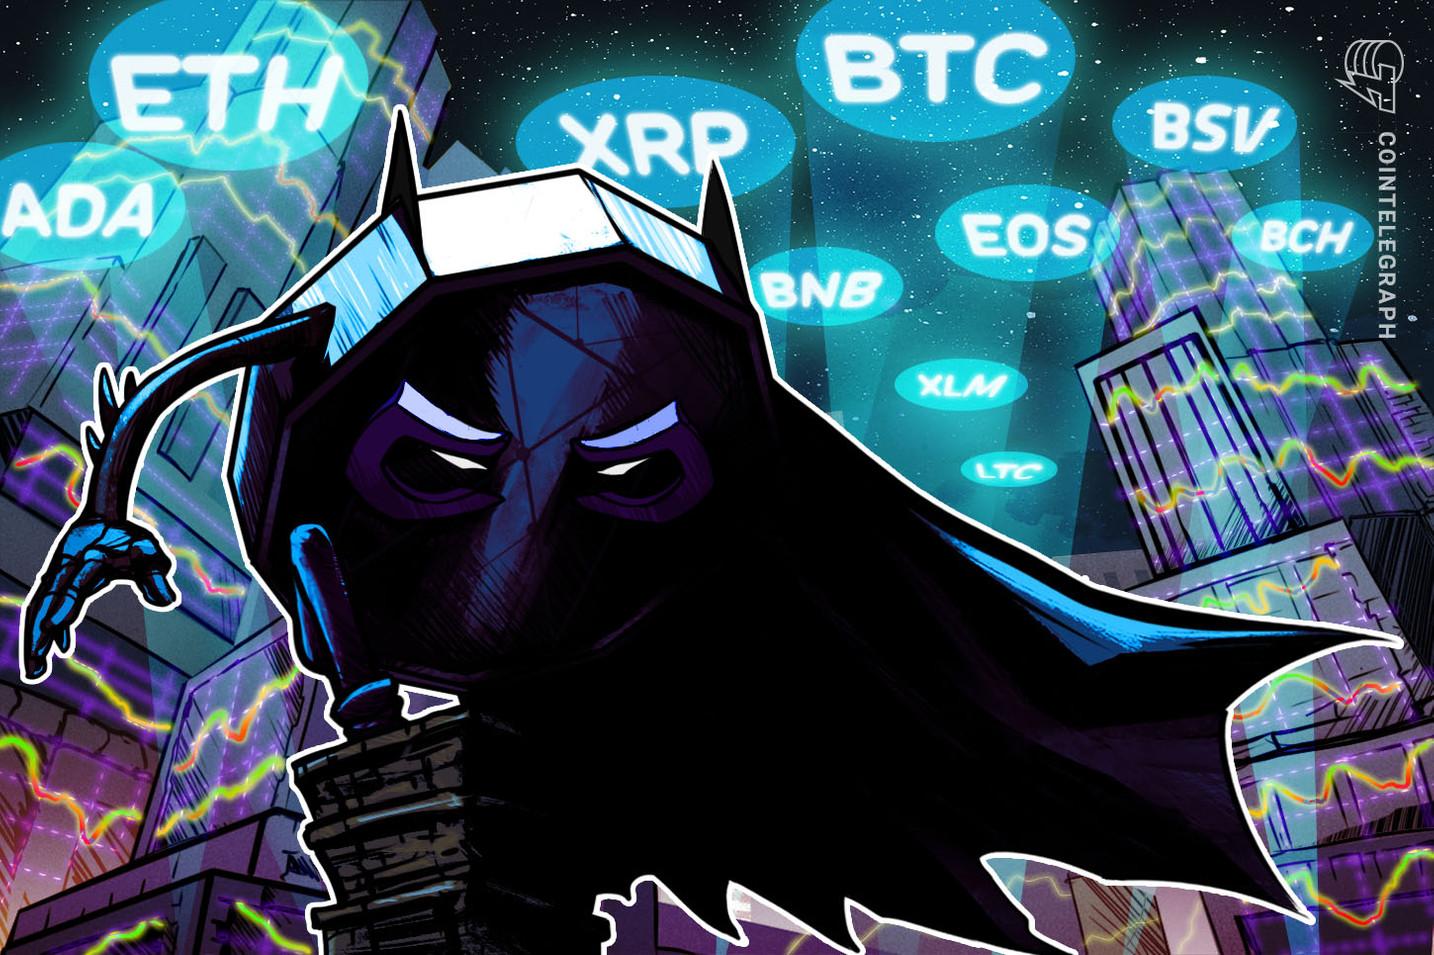 上昇トレンド再開へ準備万端?仮想通貨ビットコイン・イーサリアム・リップル(XRP)のテクニカル分析